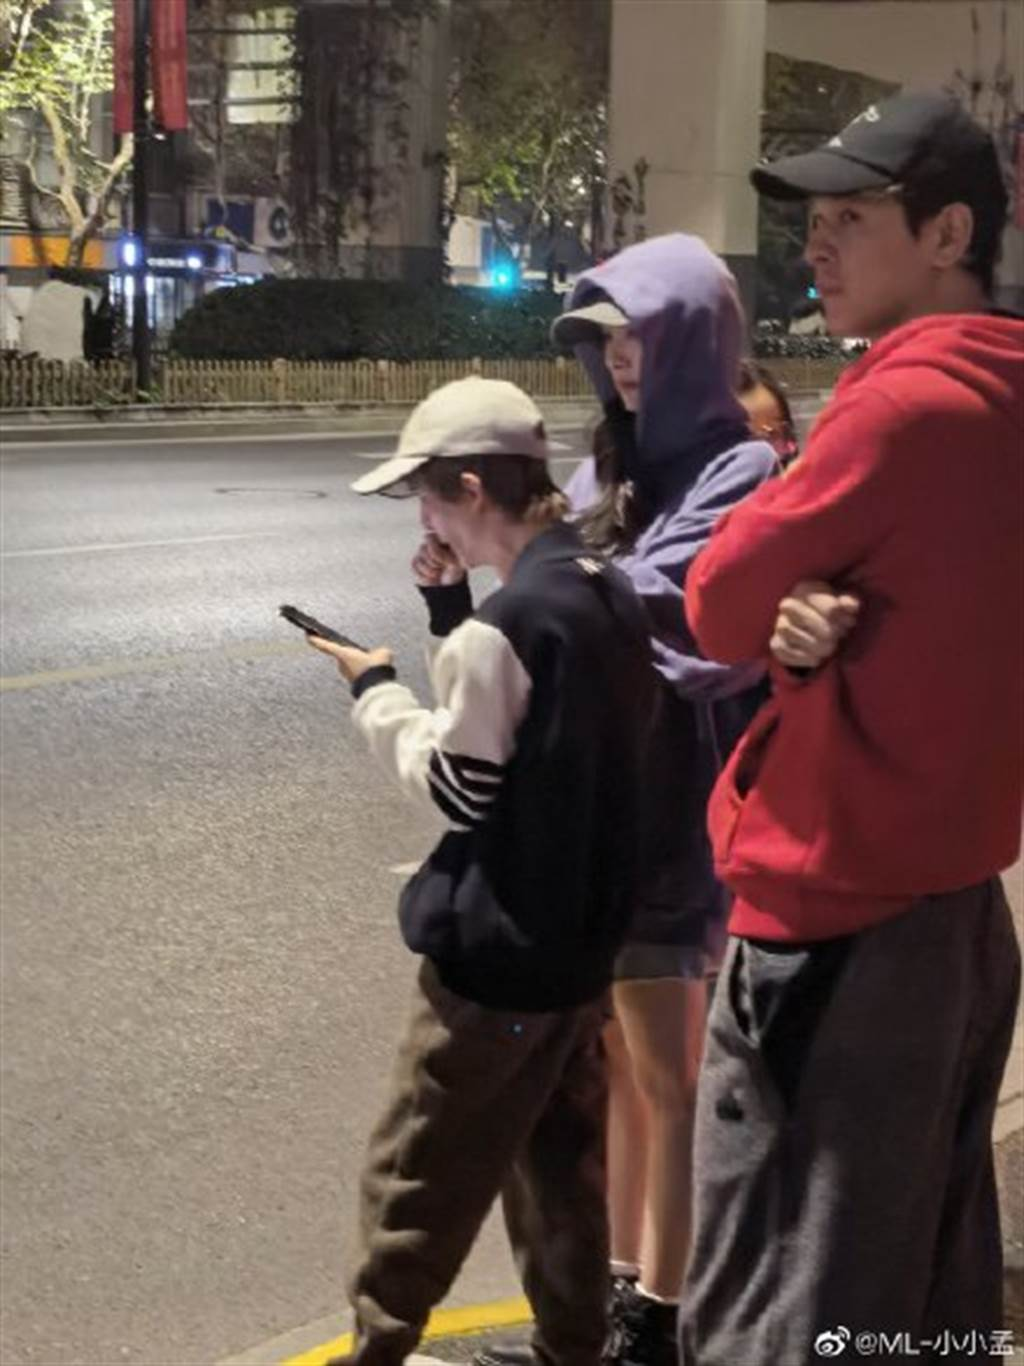 楊冪和郭敬明在路邊的身影被捕捉。(圖/翻攝自新浪娛樂)